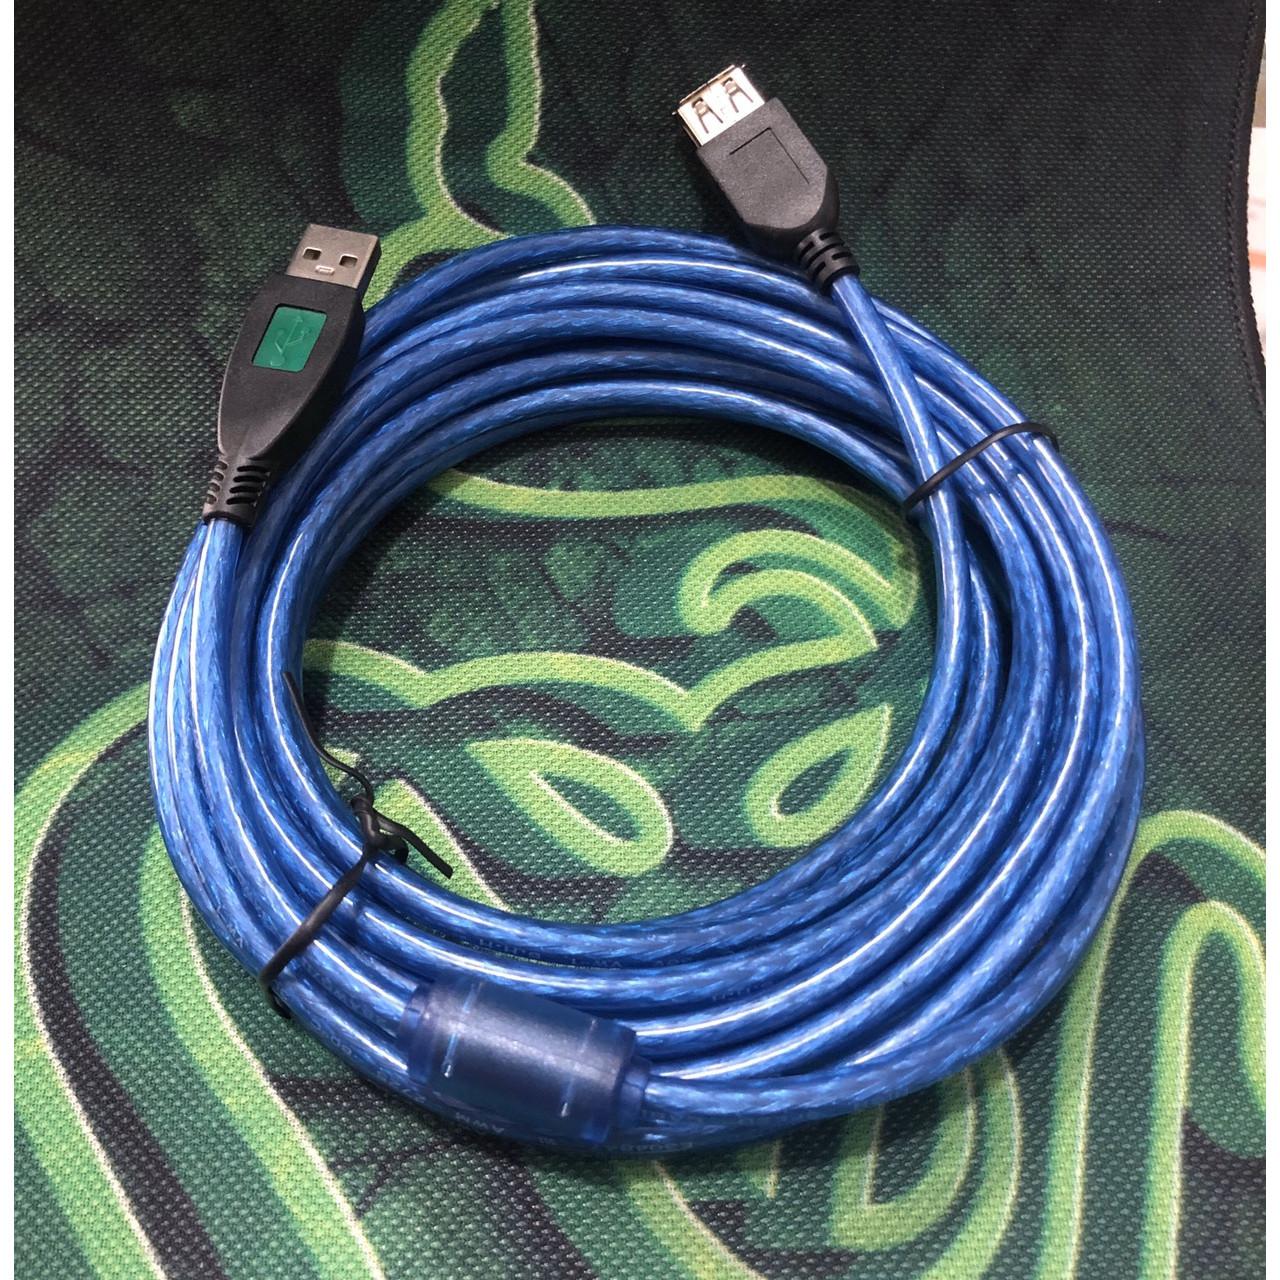 Cáp usb nối dài 5 mét màu xanh chống nhiễu